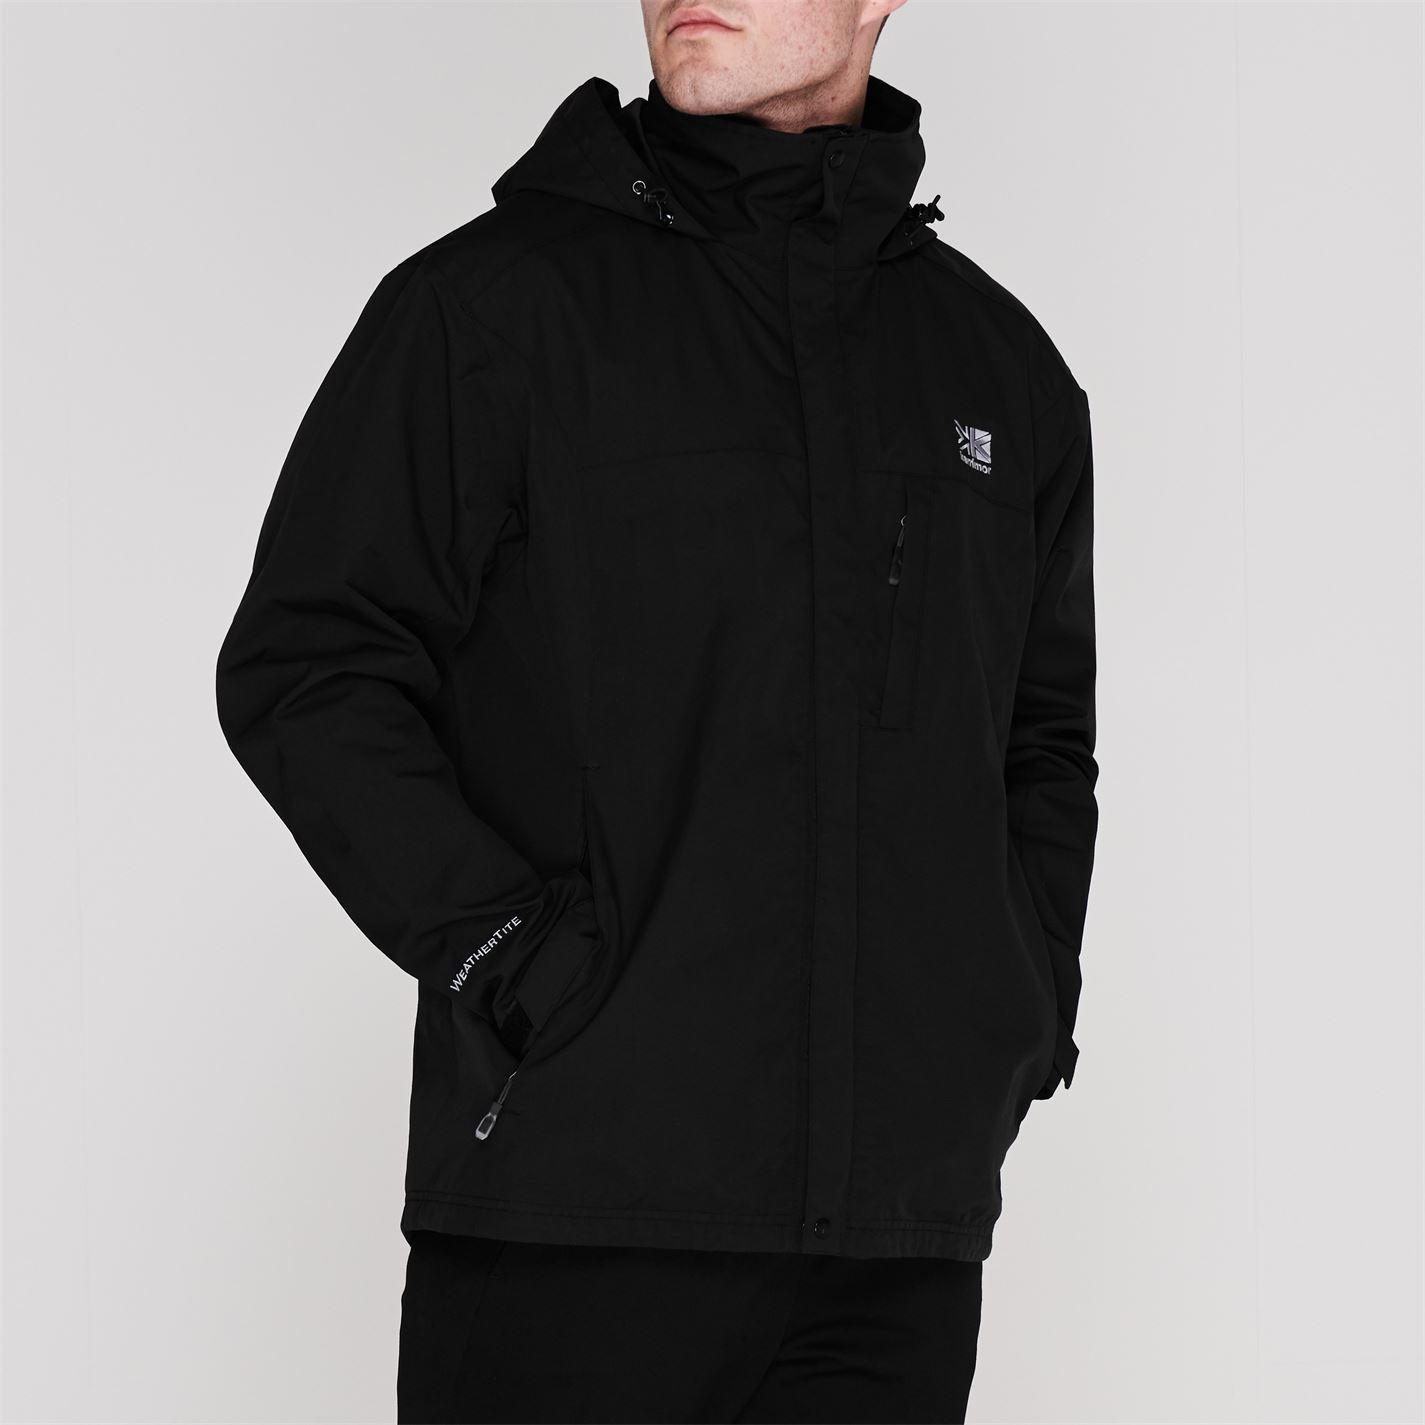 Karrimor Mens Urban Jacket Weathertite Waterproof Foldaway Hood Outdoor